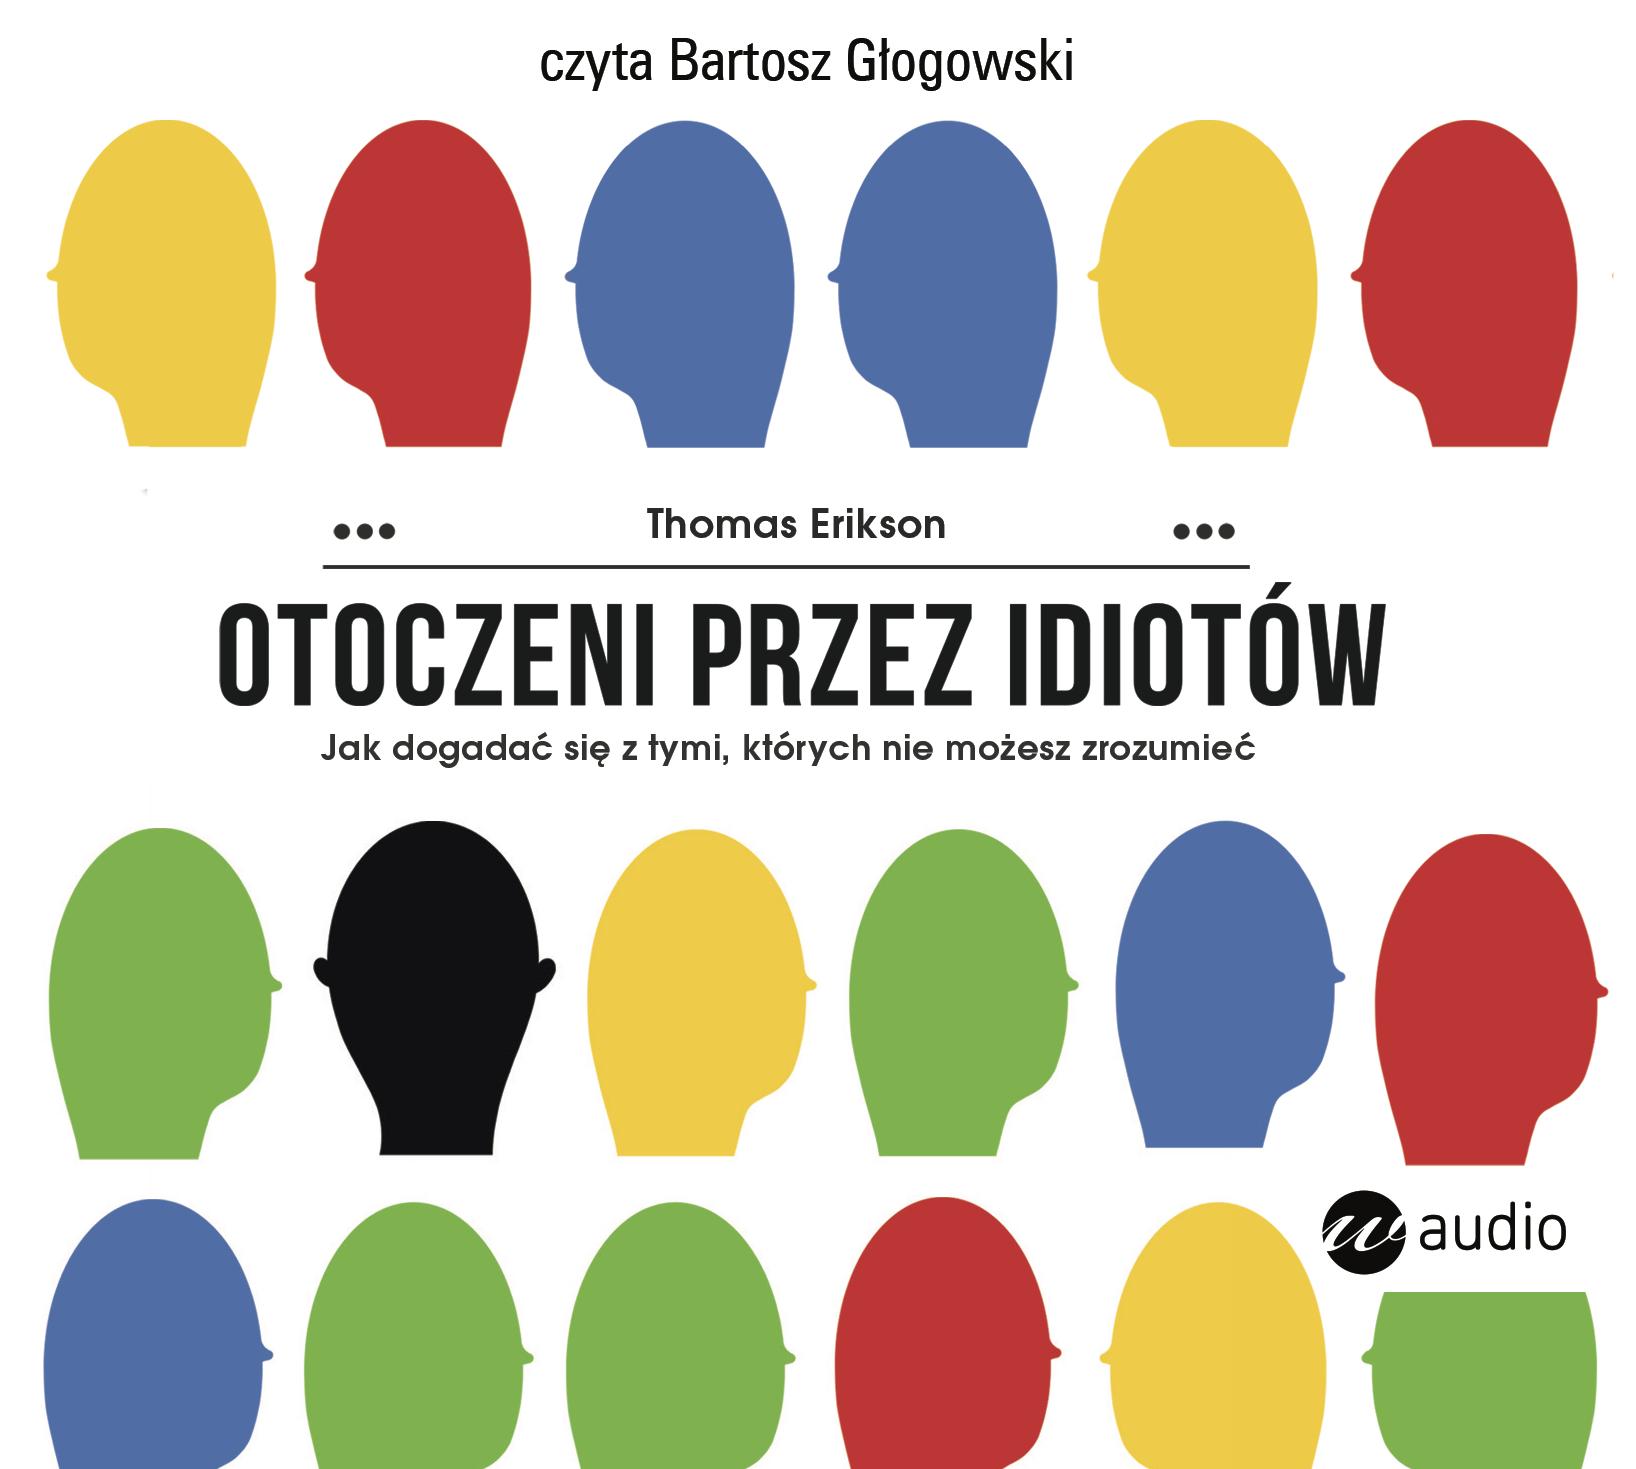 CD MP3 Otoczeni przez idiotów jak dogadać się z tymi których nie możesz zrozumieć